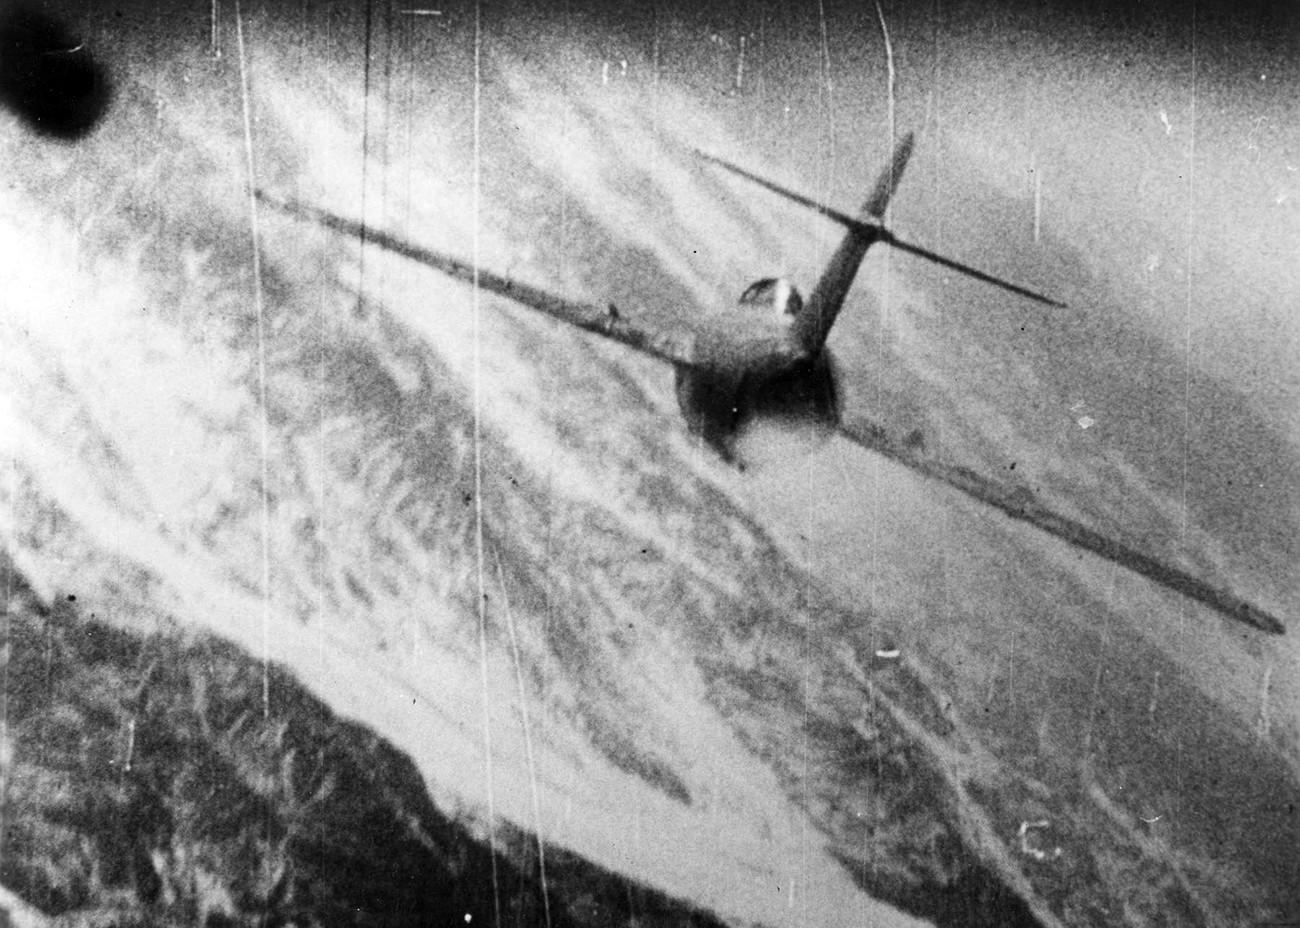 El caza soviético MiG-15 atacado por el F-86 Sabre estadounidense sobre Corea en 1952-53.